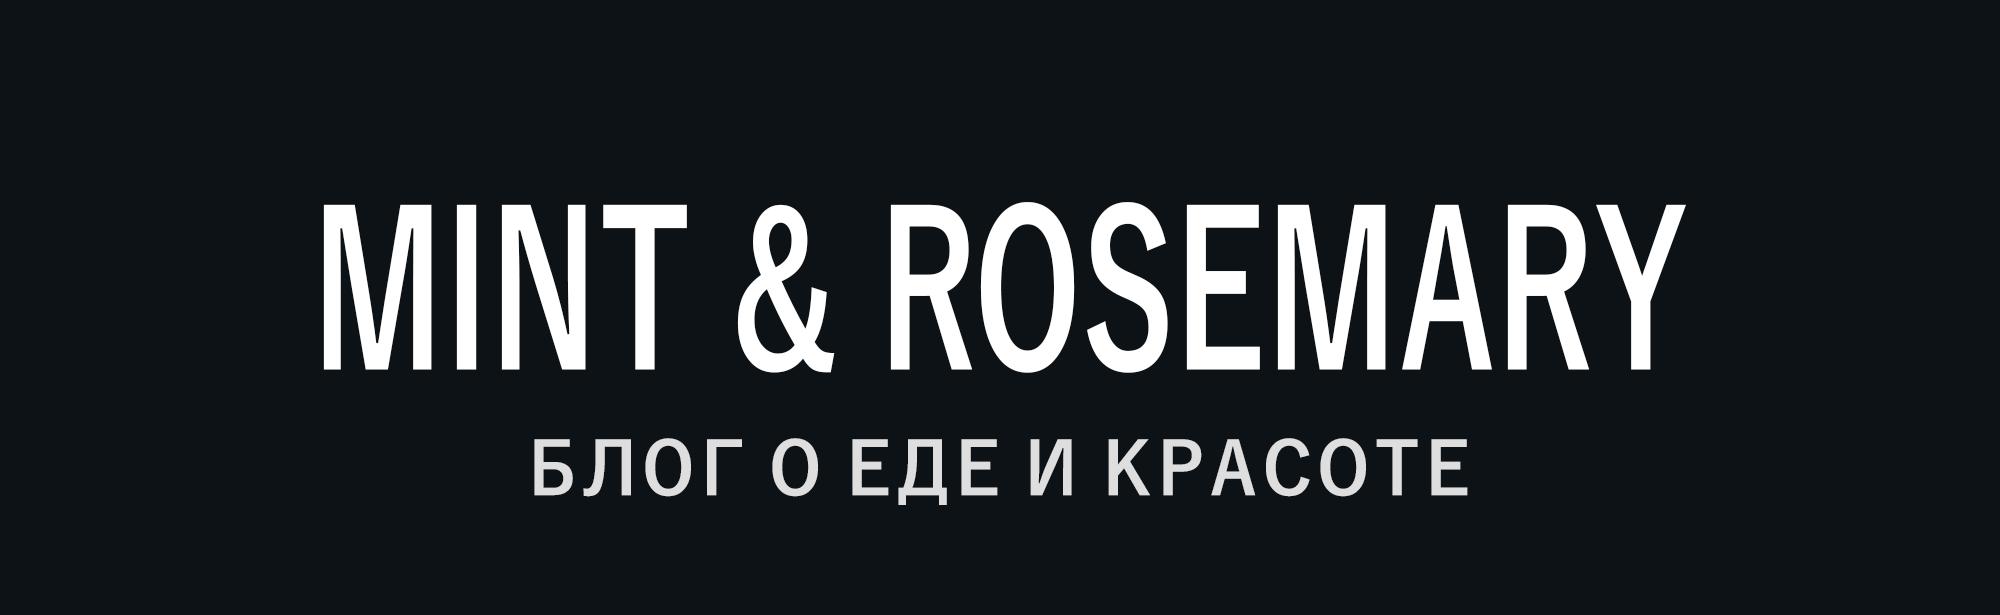 Mint & Rosemary